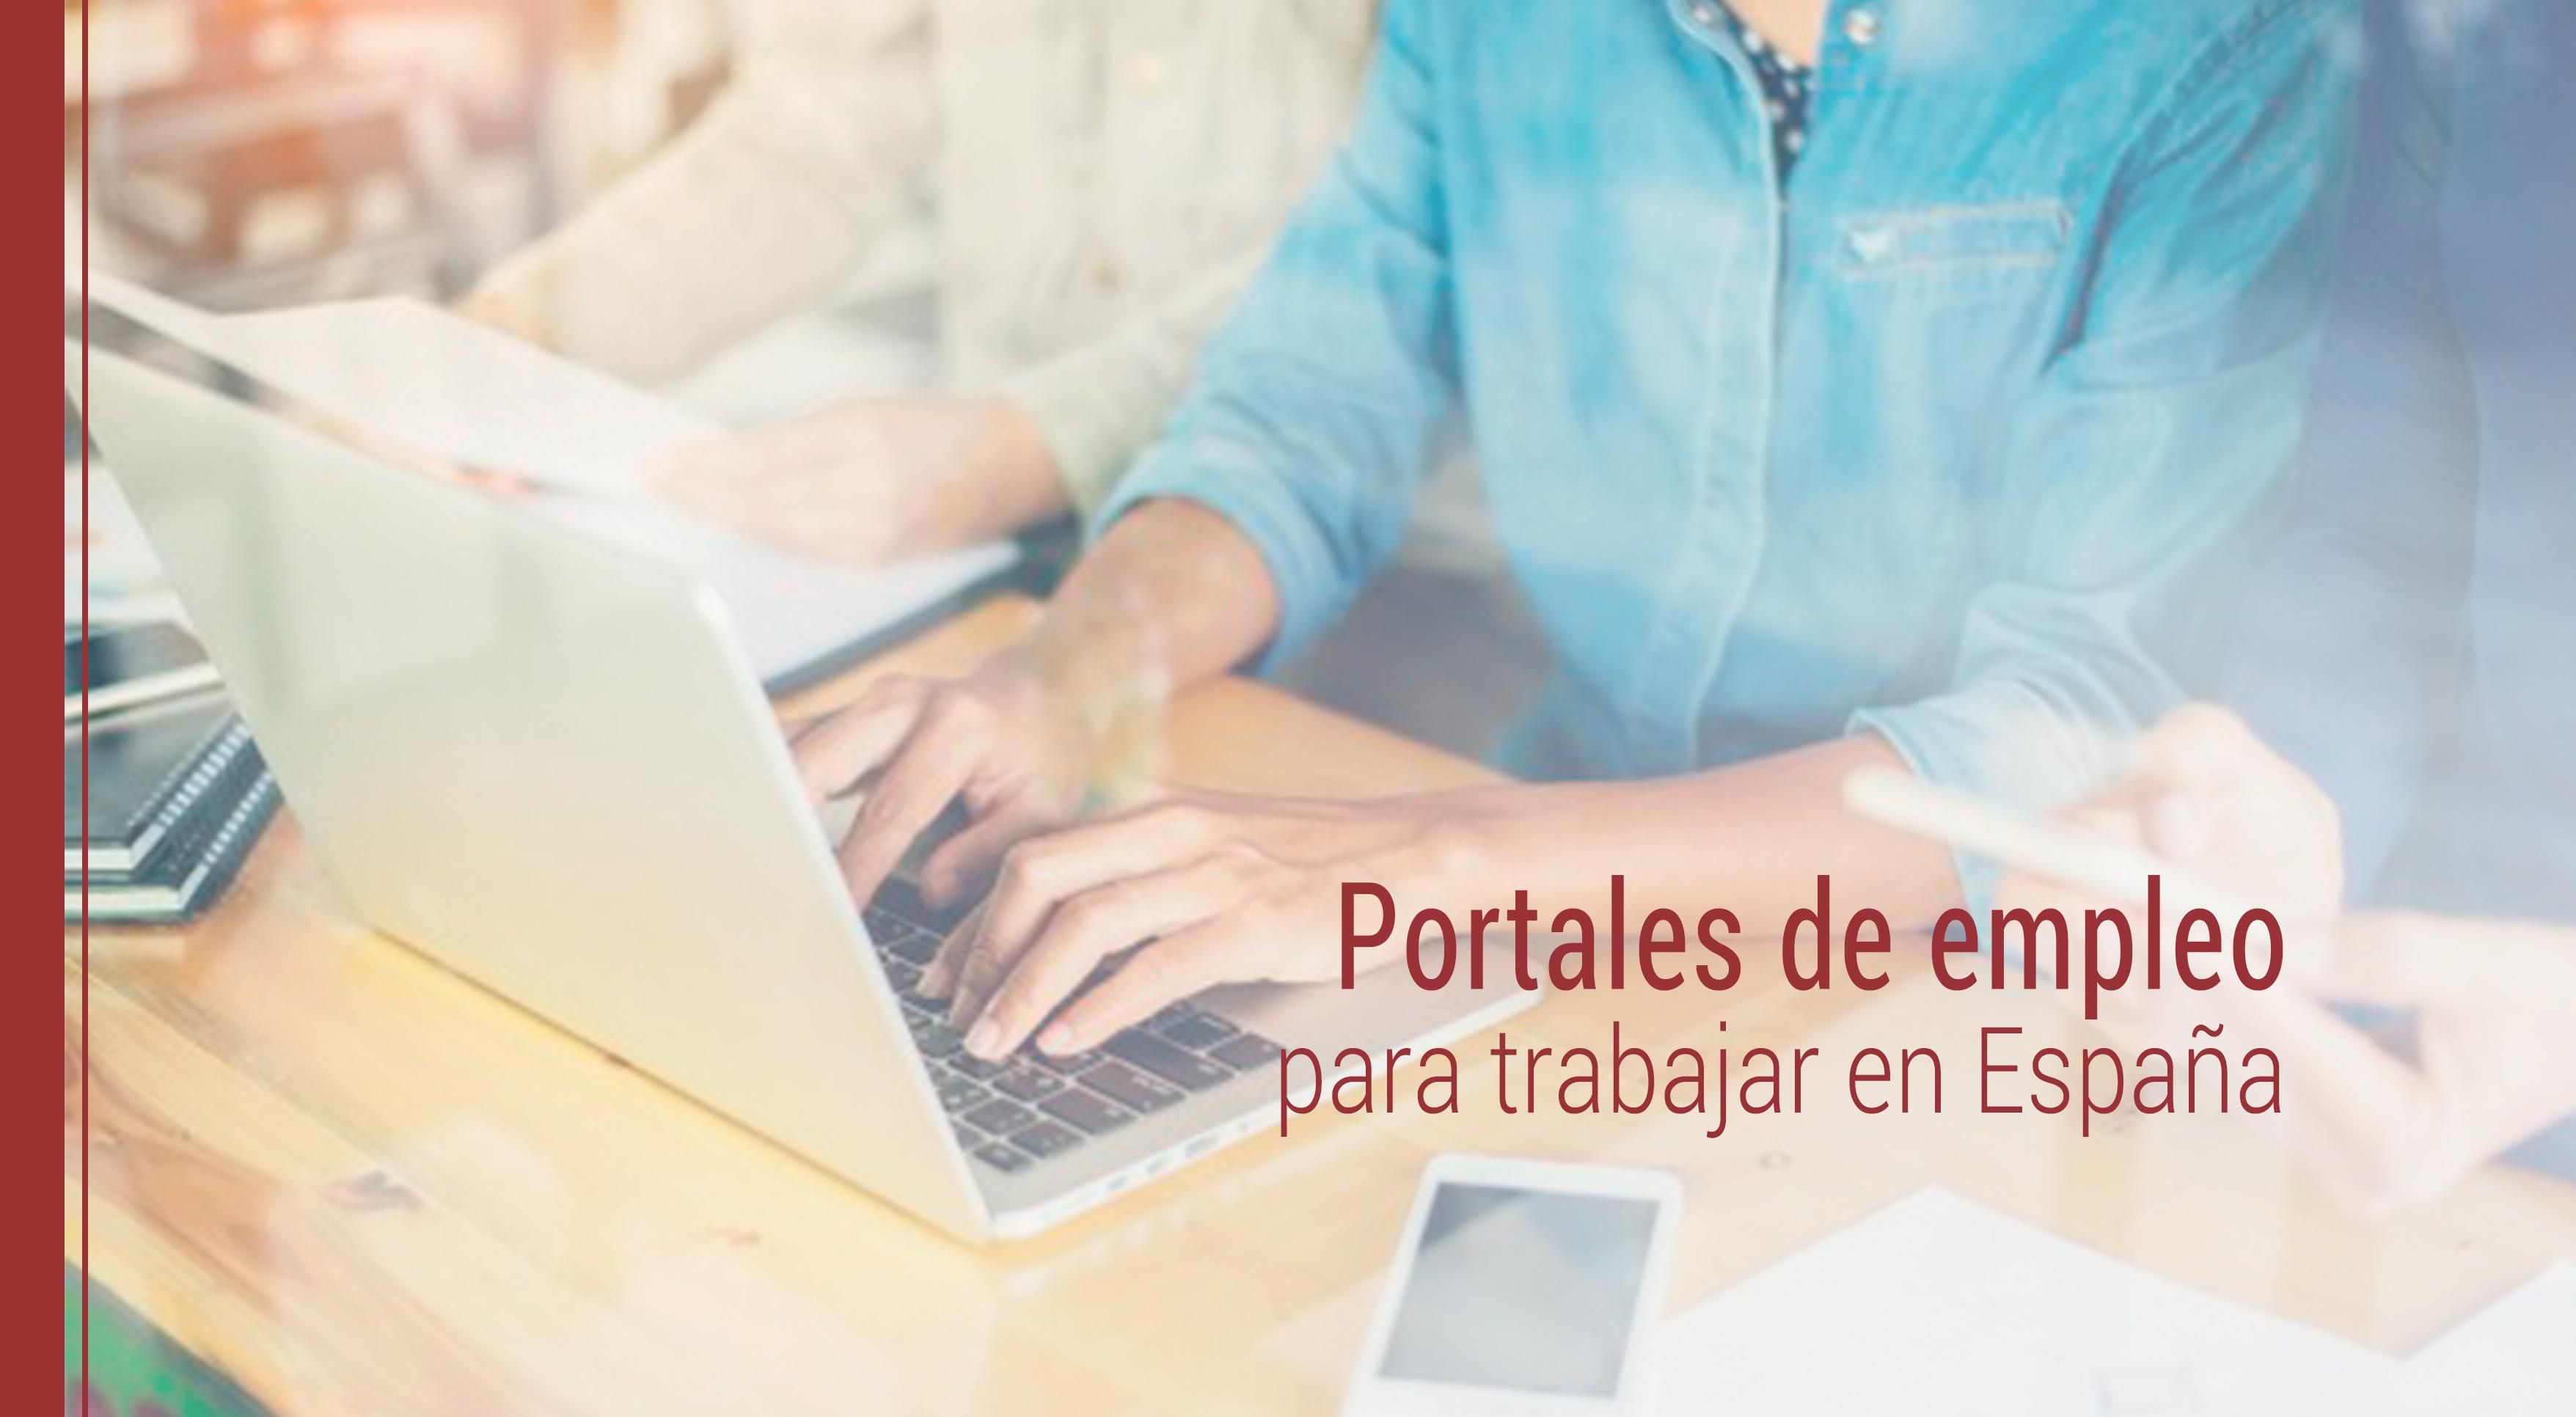 portales-de-empleo-para-trabajar-en-espana Principales portales de empleo para trabajar en España